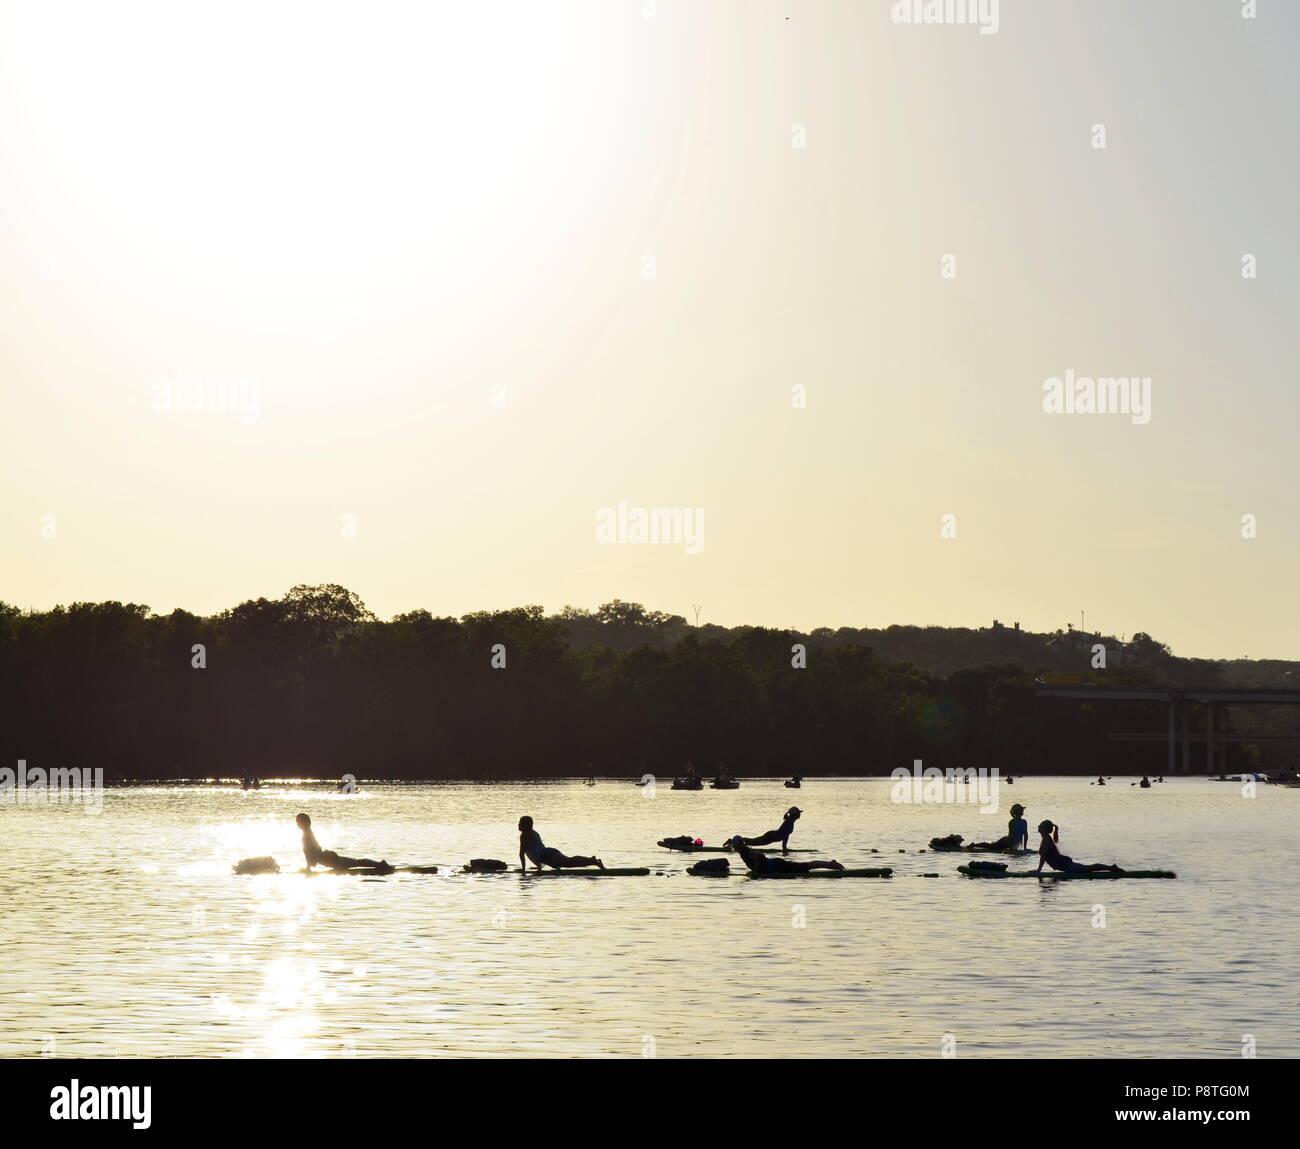 La mattina presto yoga a paddle boards su Coccinella Lago di Austin in Texas Immagini Stock